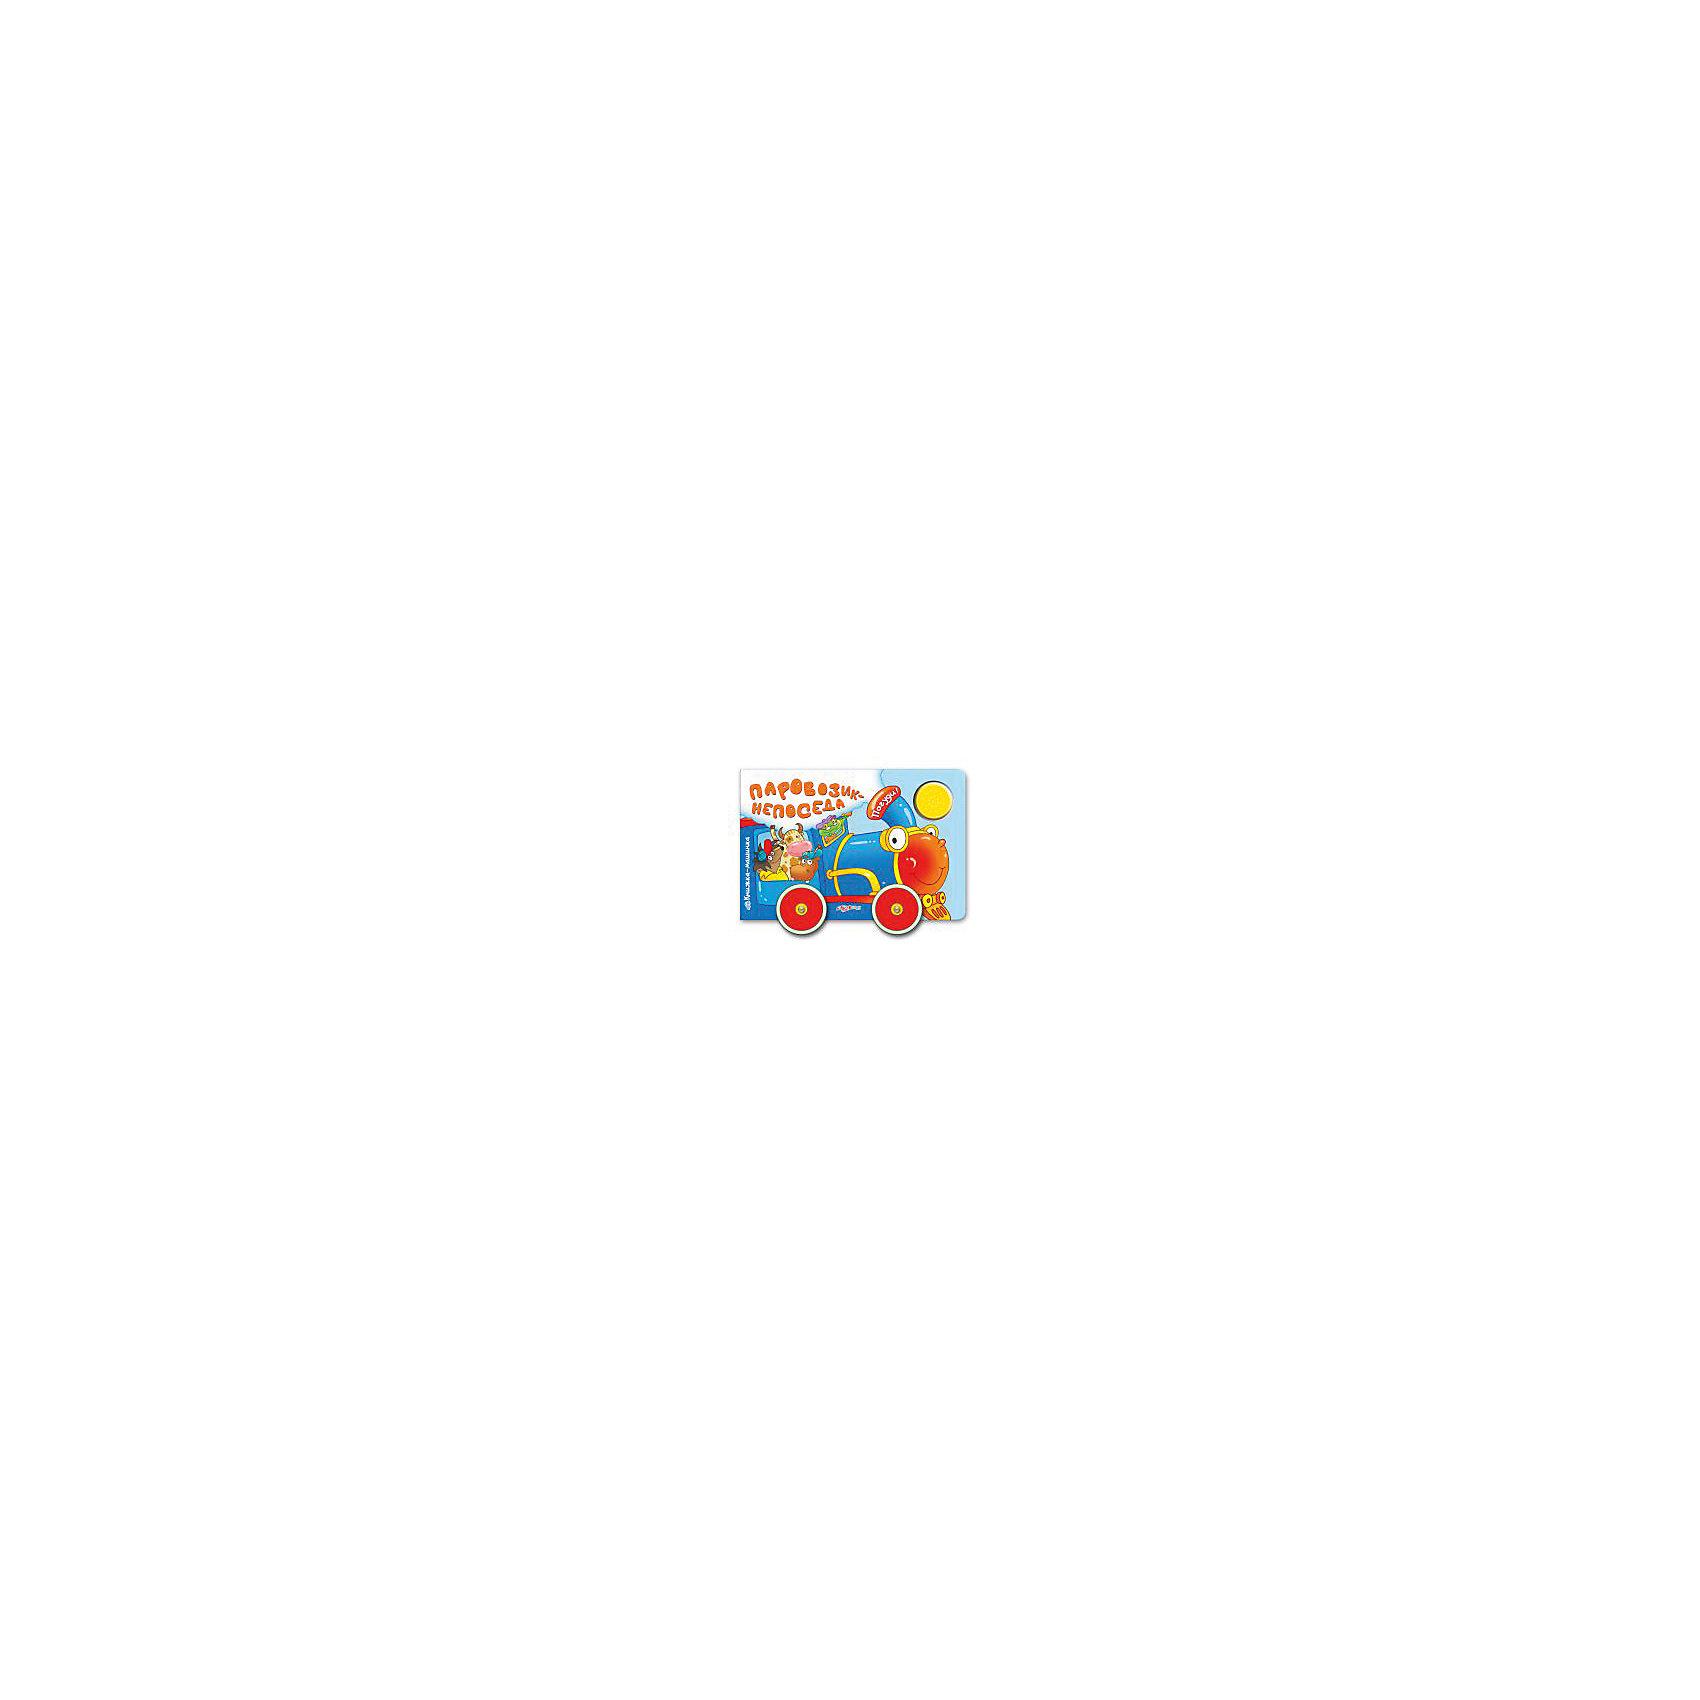 Книжка-машинка Паровозик-непоседаМузыкальные книги<br>Книжка-машинка Паровозик-непоседа.<br><br>Характеристика:<br><br>• Автор: Ю. Куликова<br>• Художник: А. Урманов<br>• Формат: 15,5 х 20,8 см. <br>• Переплет: картон. <br>• Количество страниц: 10.<br>• Иллюстрации: цветные. <br>• Звуковые эффекты: стук колес, гудок паровоза и звон паровозного колокола.<br>• Элемент питания: 3 батарейки AG3/LR41 (в комплекте).<br>• Яркий привлекательный дизайн.<br>• Плотные картонные страницы. <br><br>Паровозик-непоседа - это замечательная книжка на колесиках, которая понравится всем малышам! Книжку можно читать или же играть с ней, как с машинкой. Яркие цветные иллюстрации, забавные звуки и веселые истории не оставят равнодушным ни одного малыша. Плотные картонные страницы легко и удобно переворачивать даже самым юным читателям. <br><br>Книжку-машинку Паровозик-непоседа можно купить в нашем интернет-магазине.<br><br>Ширина мм: 210<br>Глубина мм: 150<br>Высота мм: 20<br>Вес г: 150<br>Возраст от месяцев: 24<br>Возраст до месяцев: 48<br>Пол: Унисекс<br>Возраст: Детский<br>SKU: 4951772